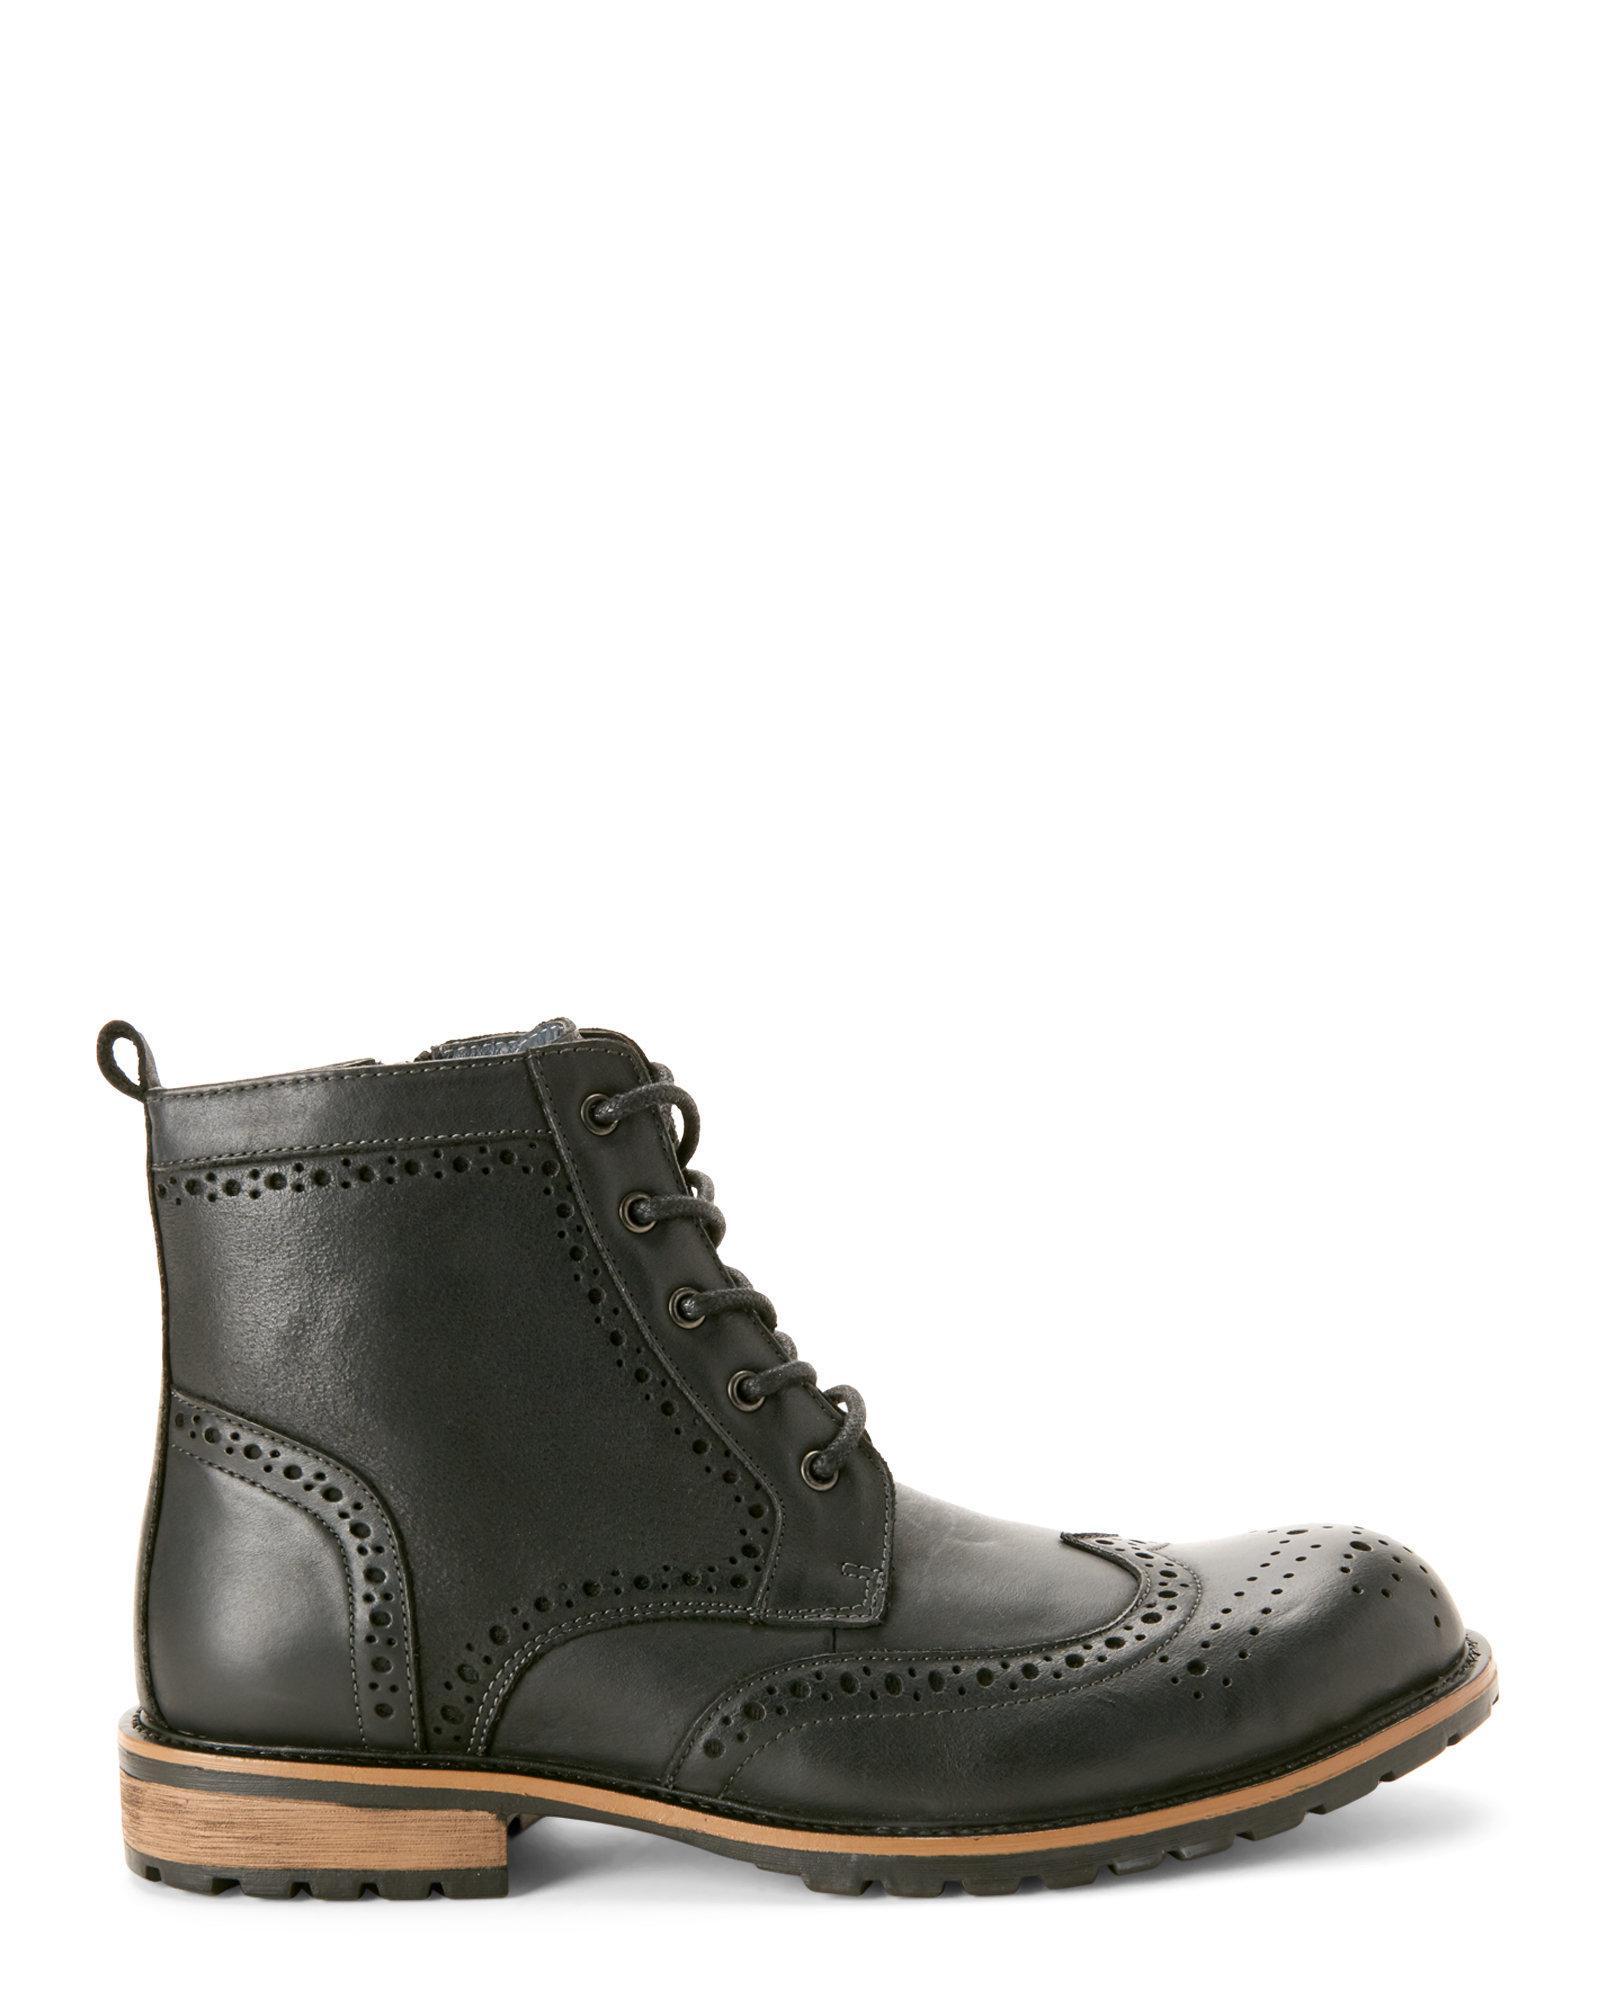 53bcbb08764 Steve Madden Black Sprocket Brogue Wingtip Boots for men